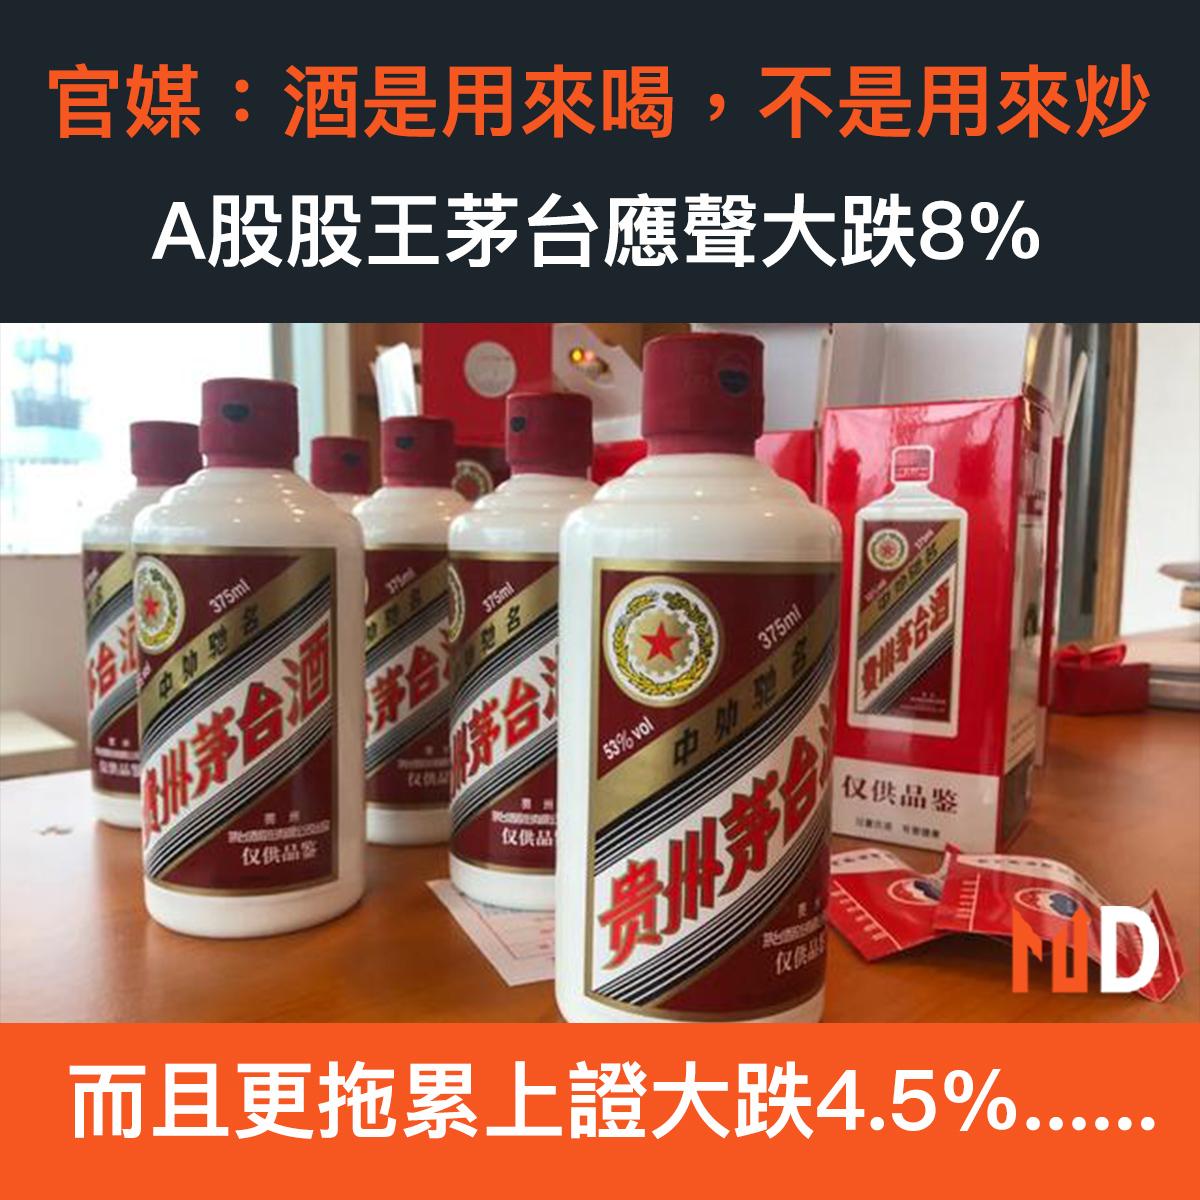 【市場熱話】官媒:酒是用來喝,不是用來炒;A股股王茅台應聲大跌8%